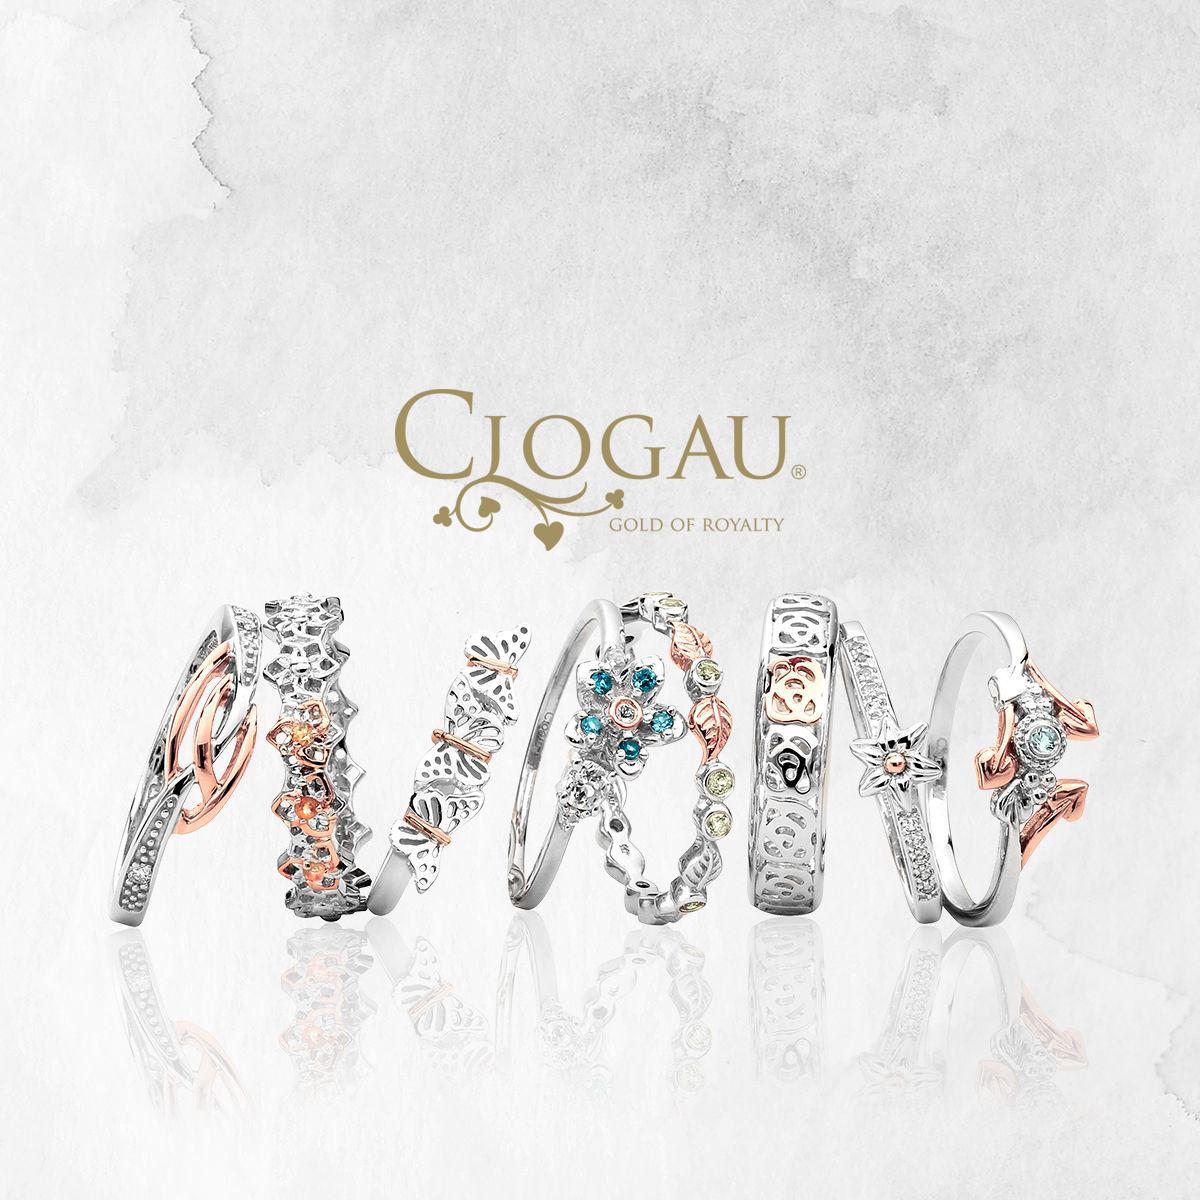 Clogau+final.jpg